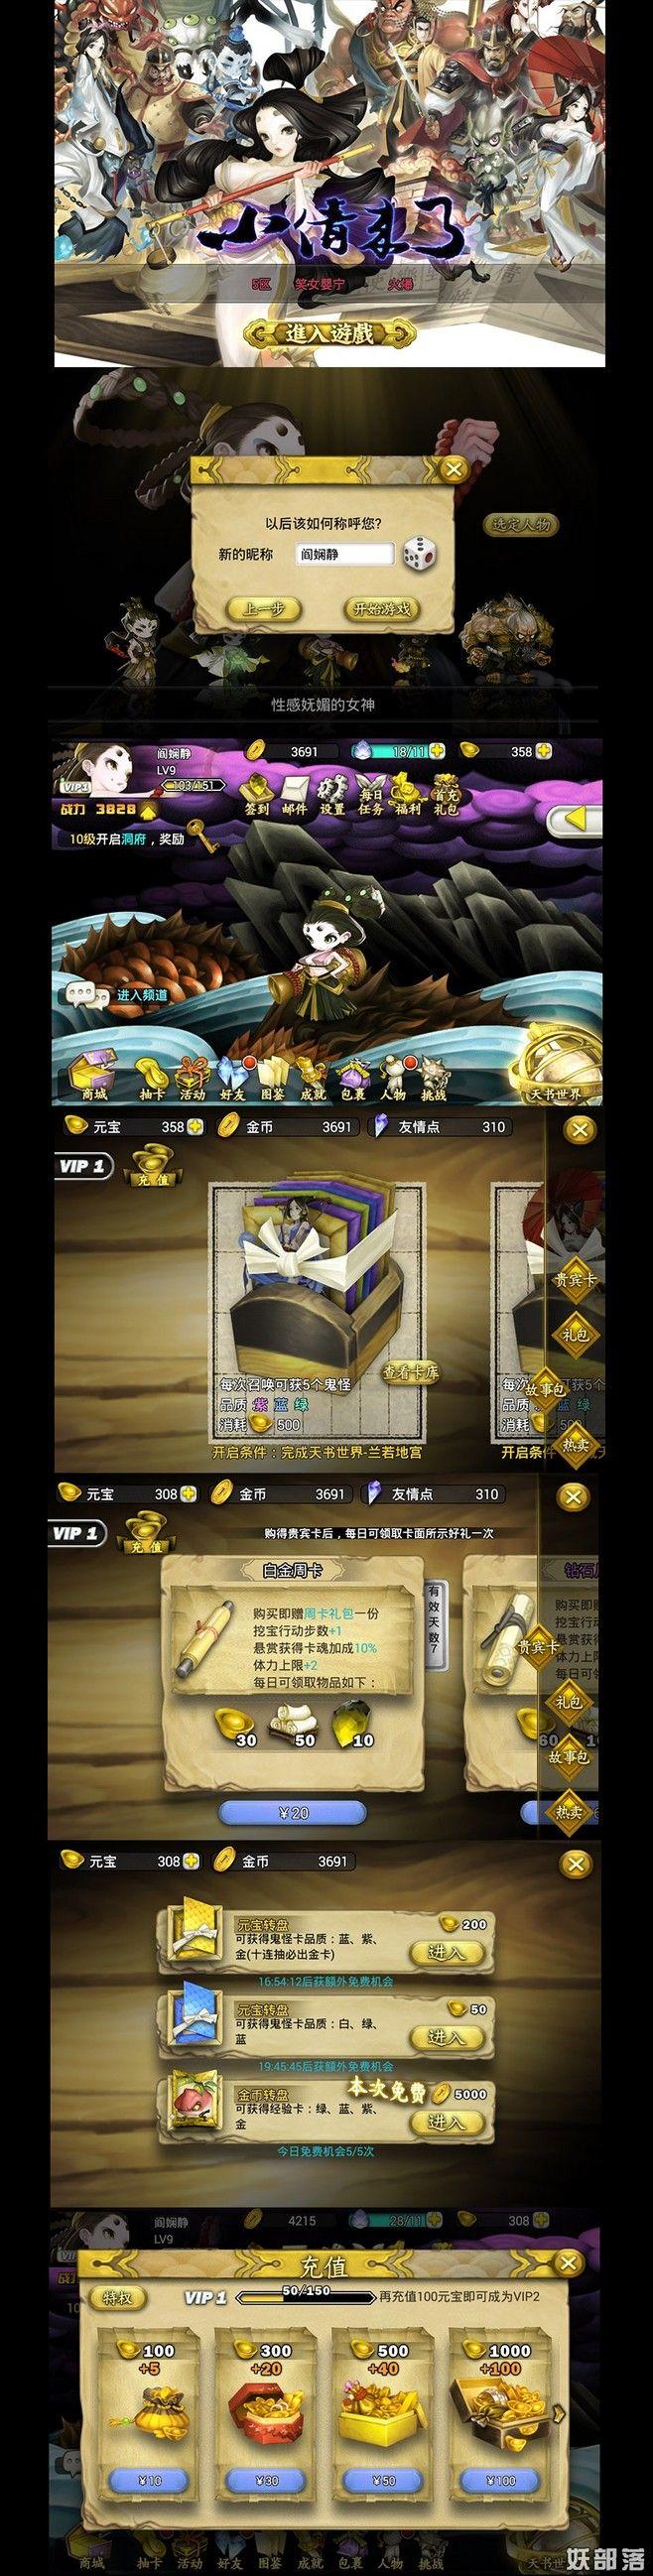 《小倩来了》国风神话卡牌手游 - 妖游录...